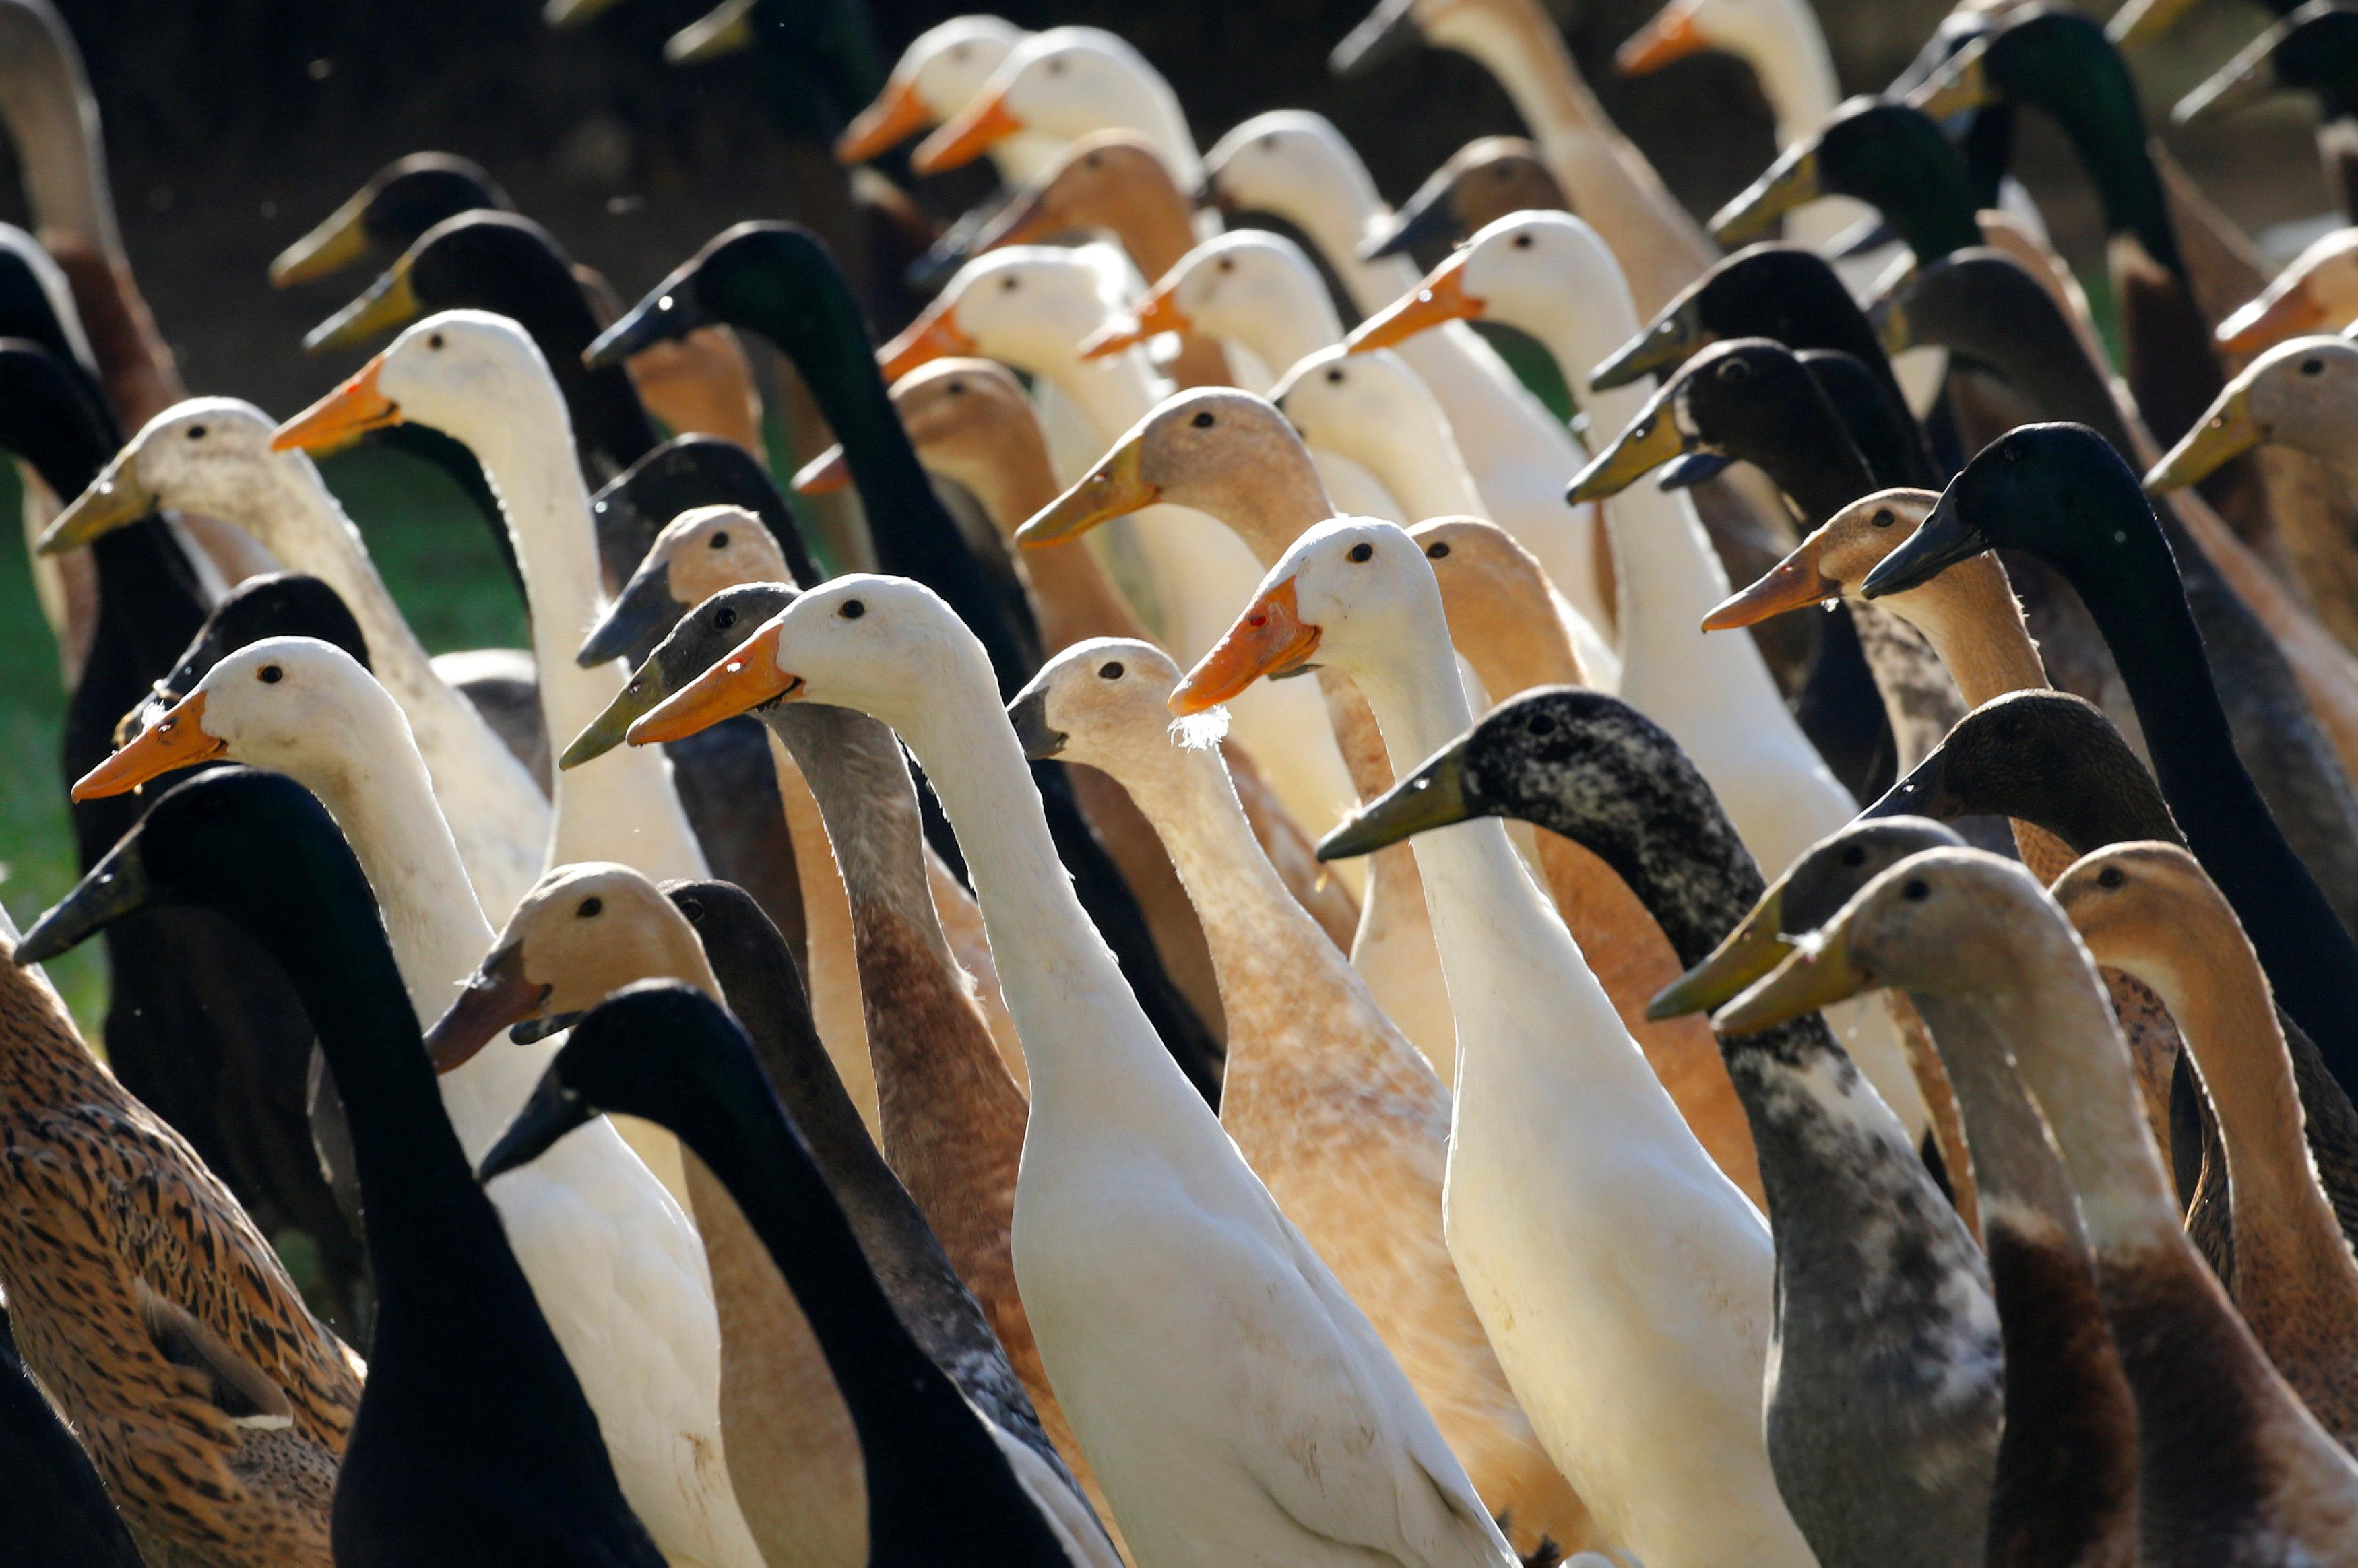 صور:  البط  للقضاء على الآفات الزراعية بجنوب إفريقيا